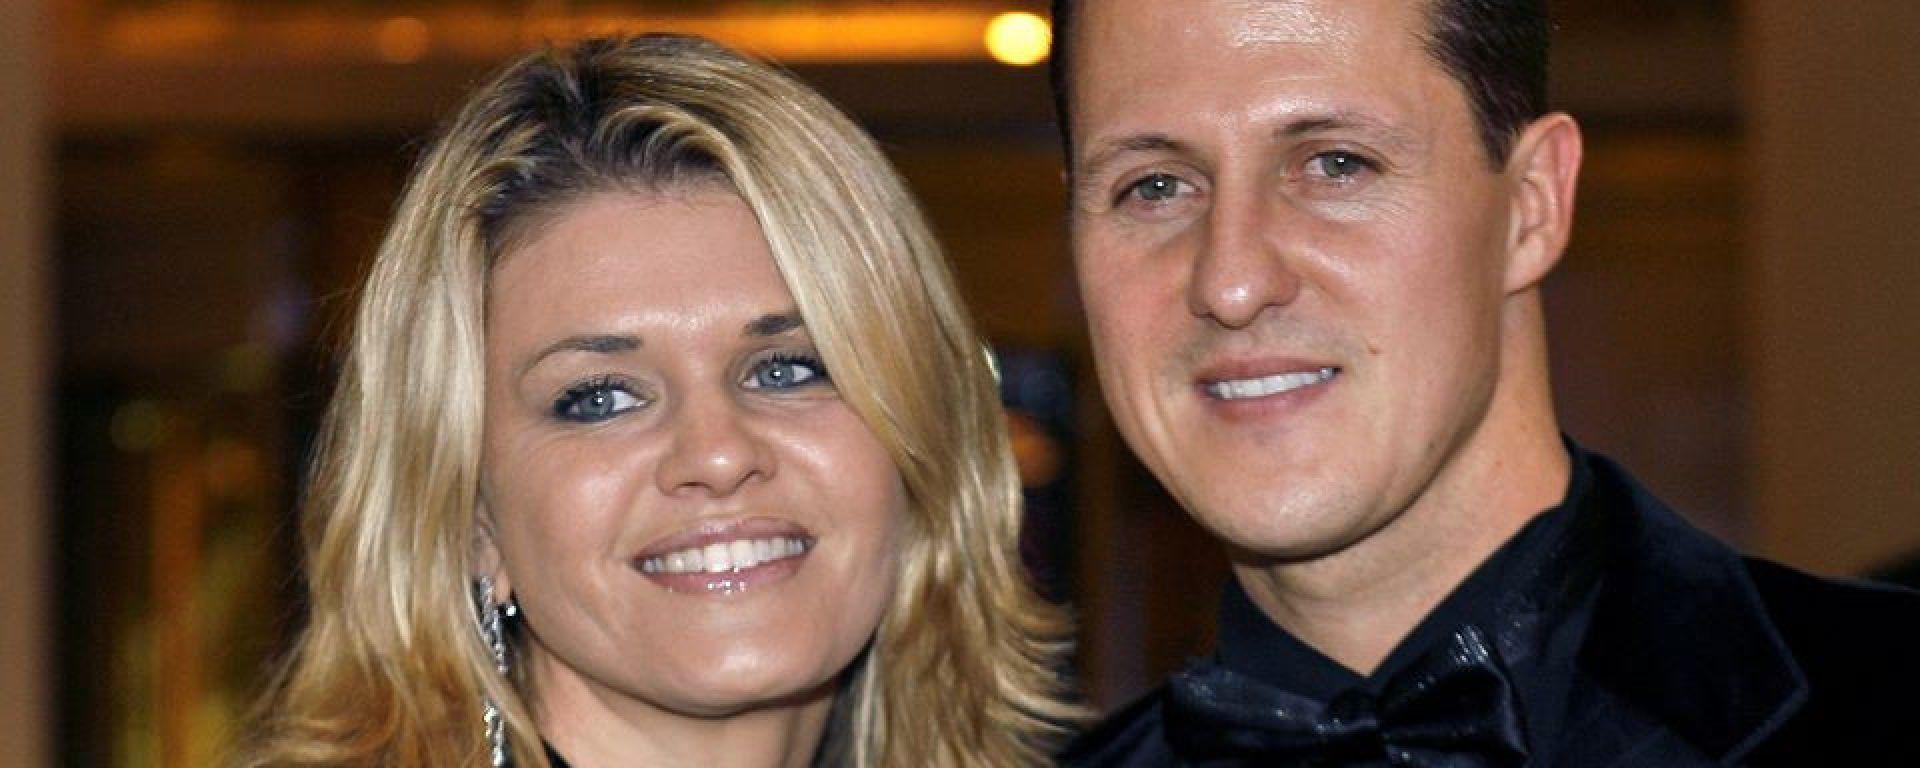 Schumacher, c'è il comunicato ufficiale della famiglia